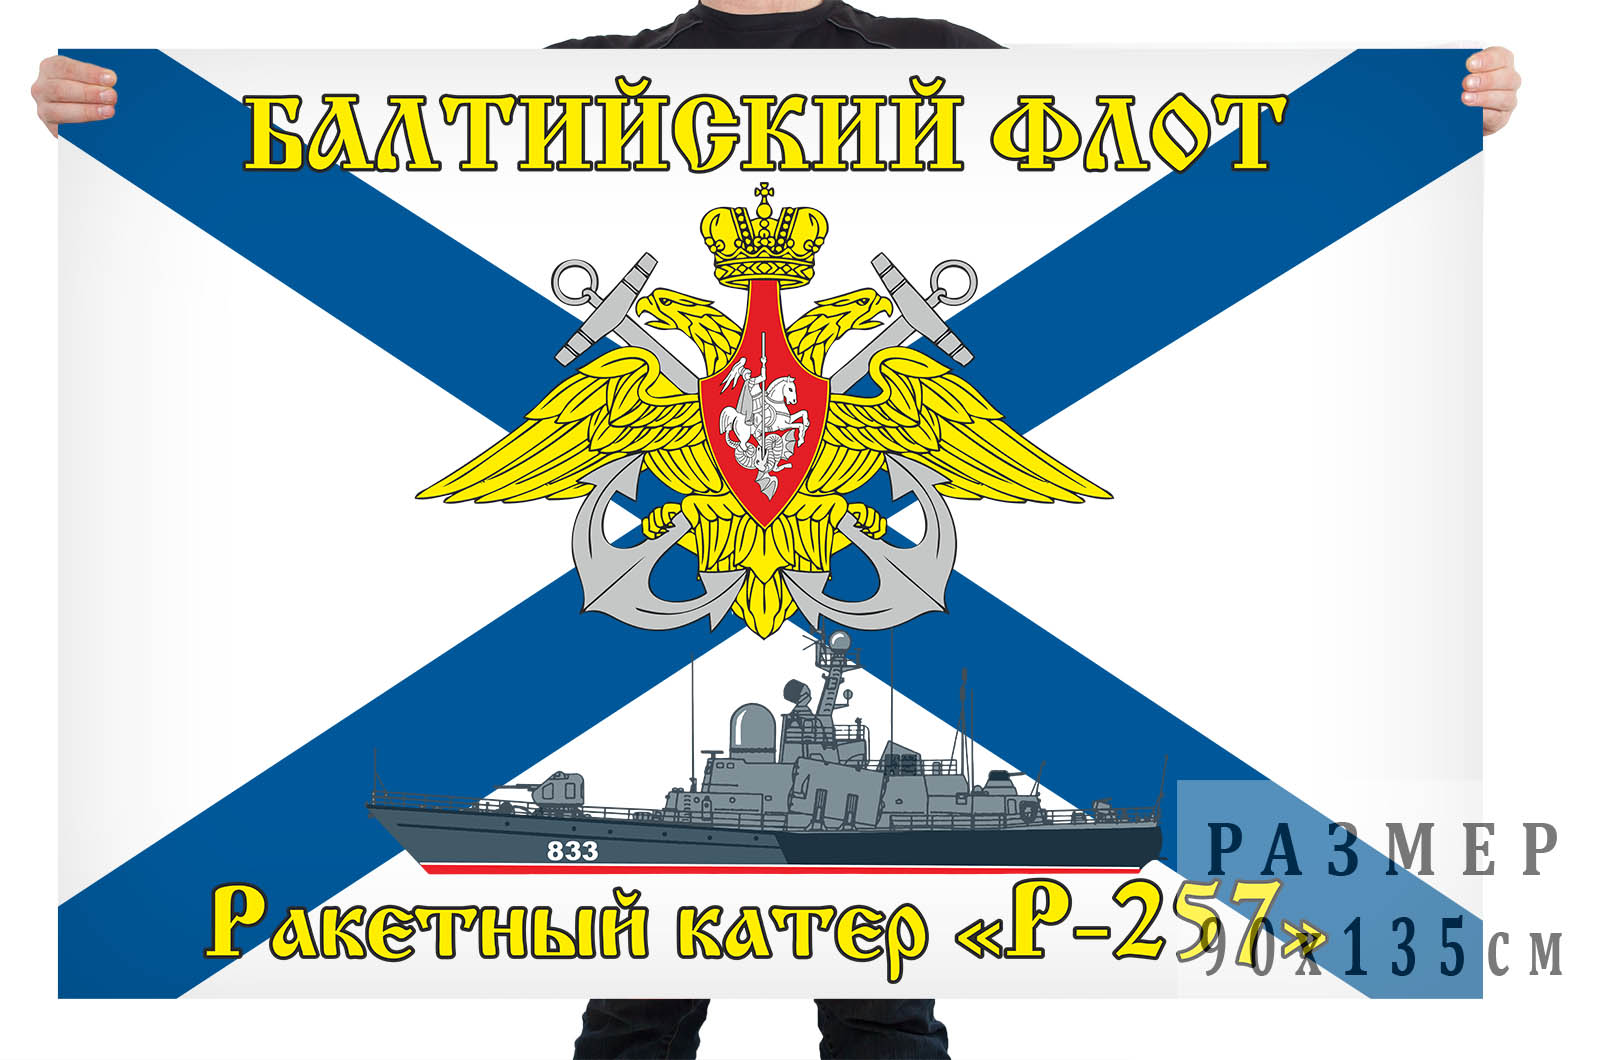 """Флаг ракетного катера """"Р-257"""""""